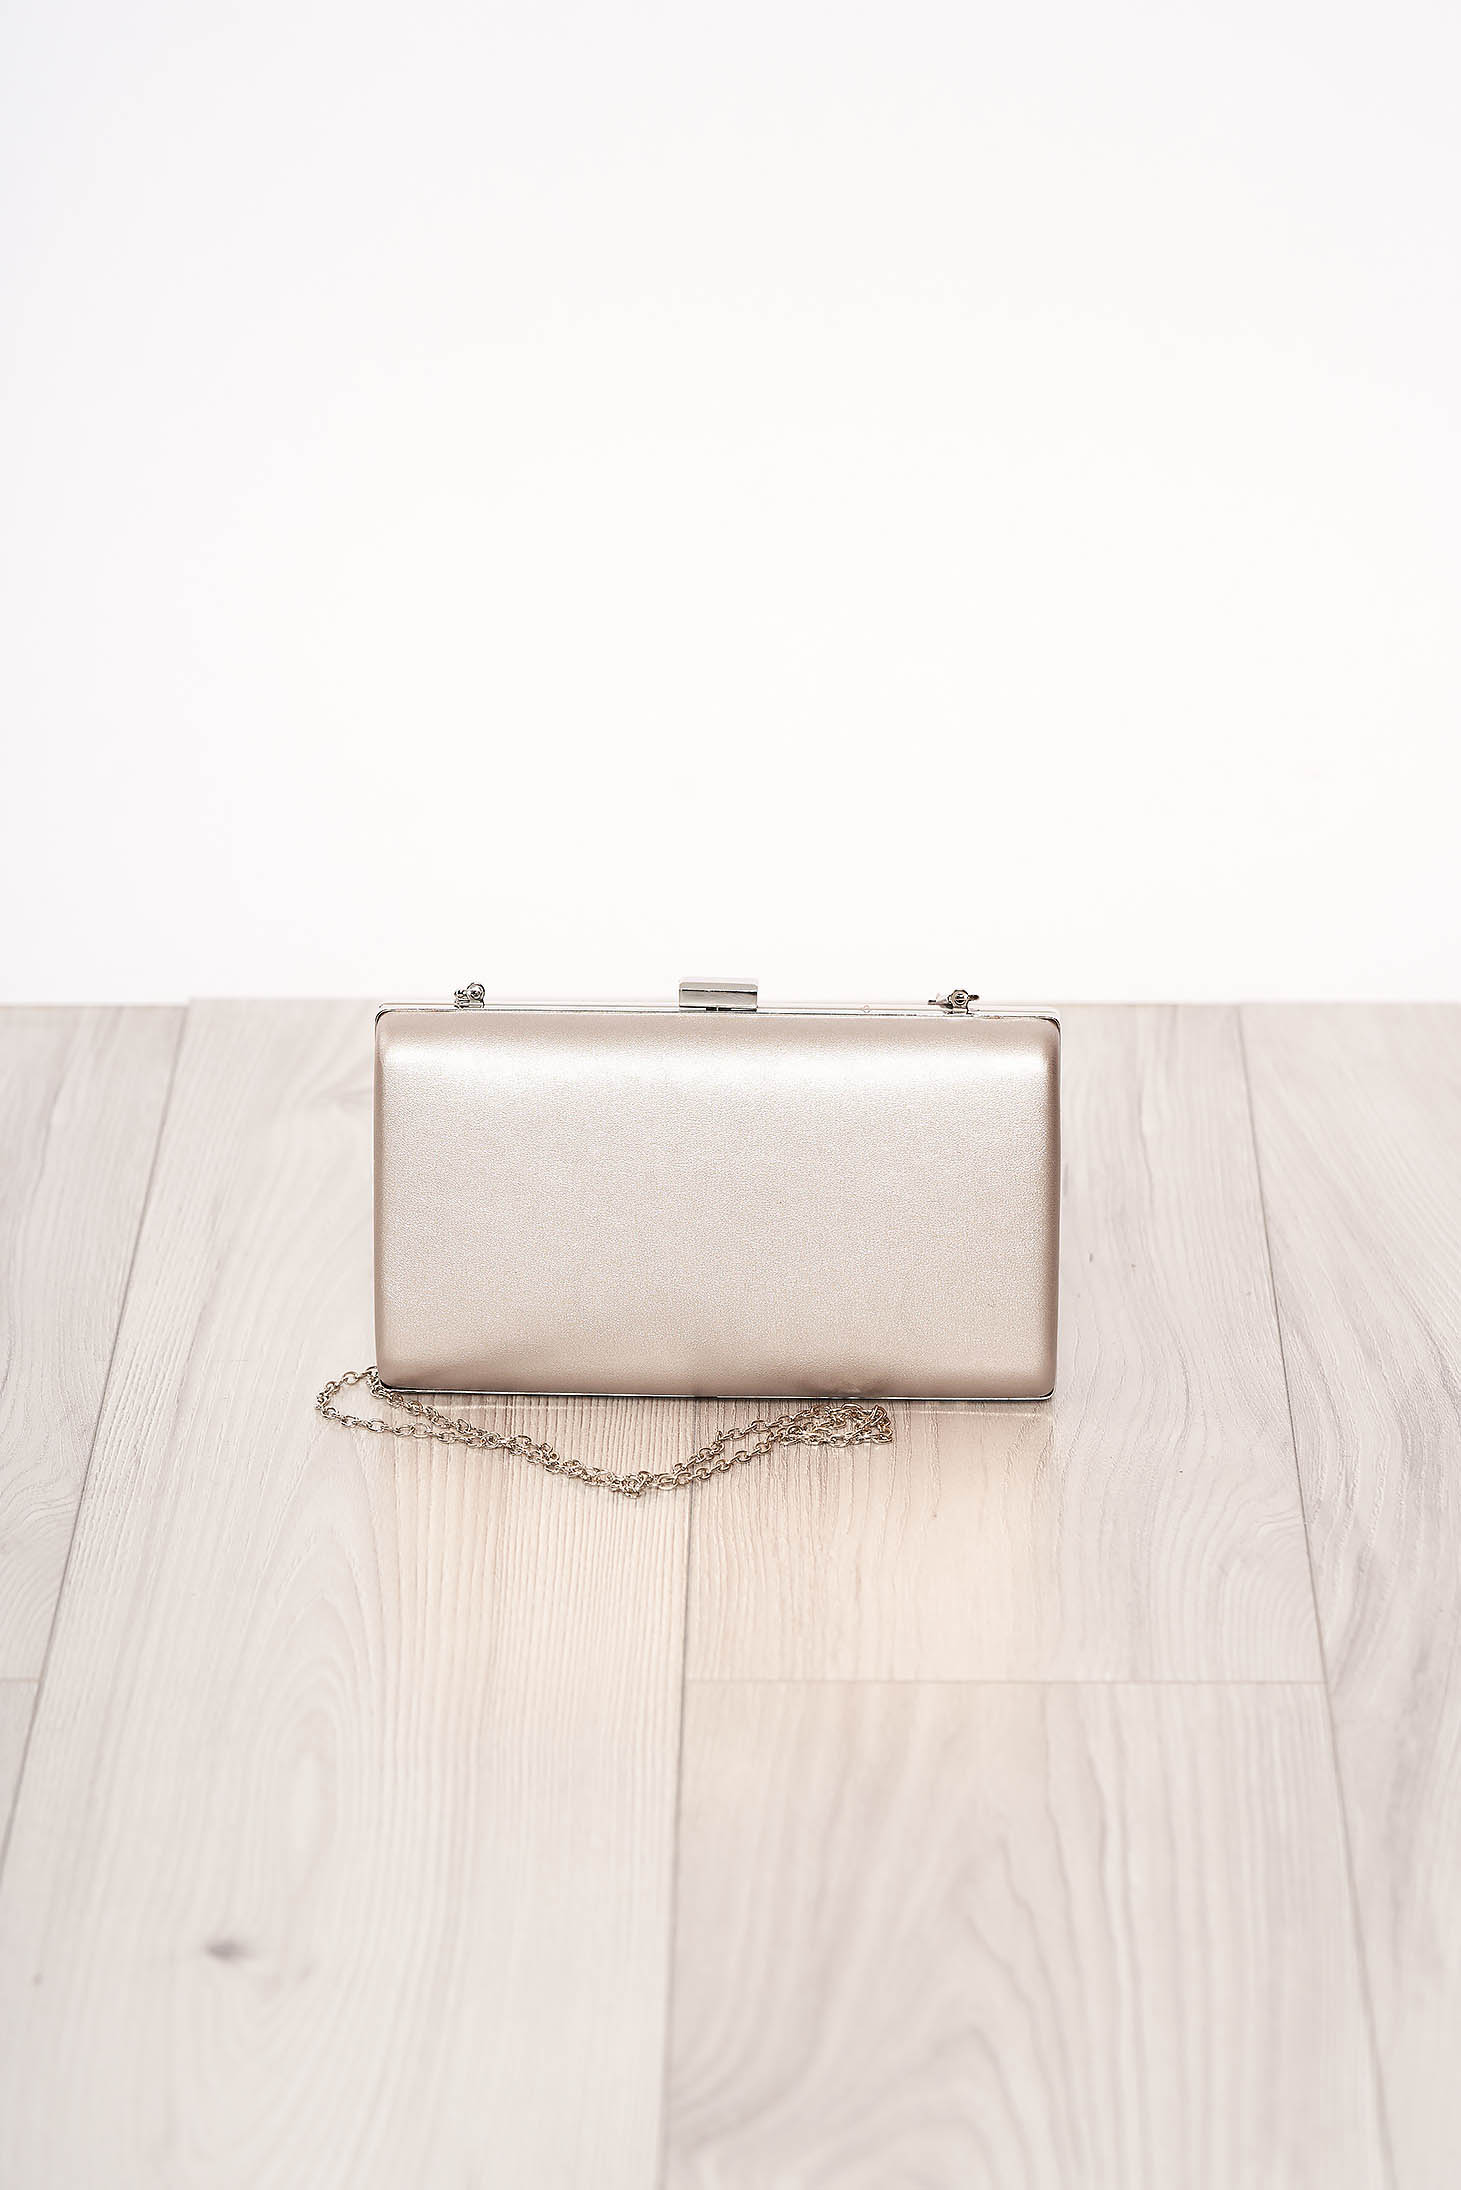 Geanta dama SunShine argintie de ocazie din piele ecologica cu maner lung tip lantisor si accesorizata cu o catarama